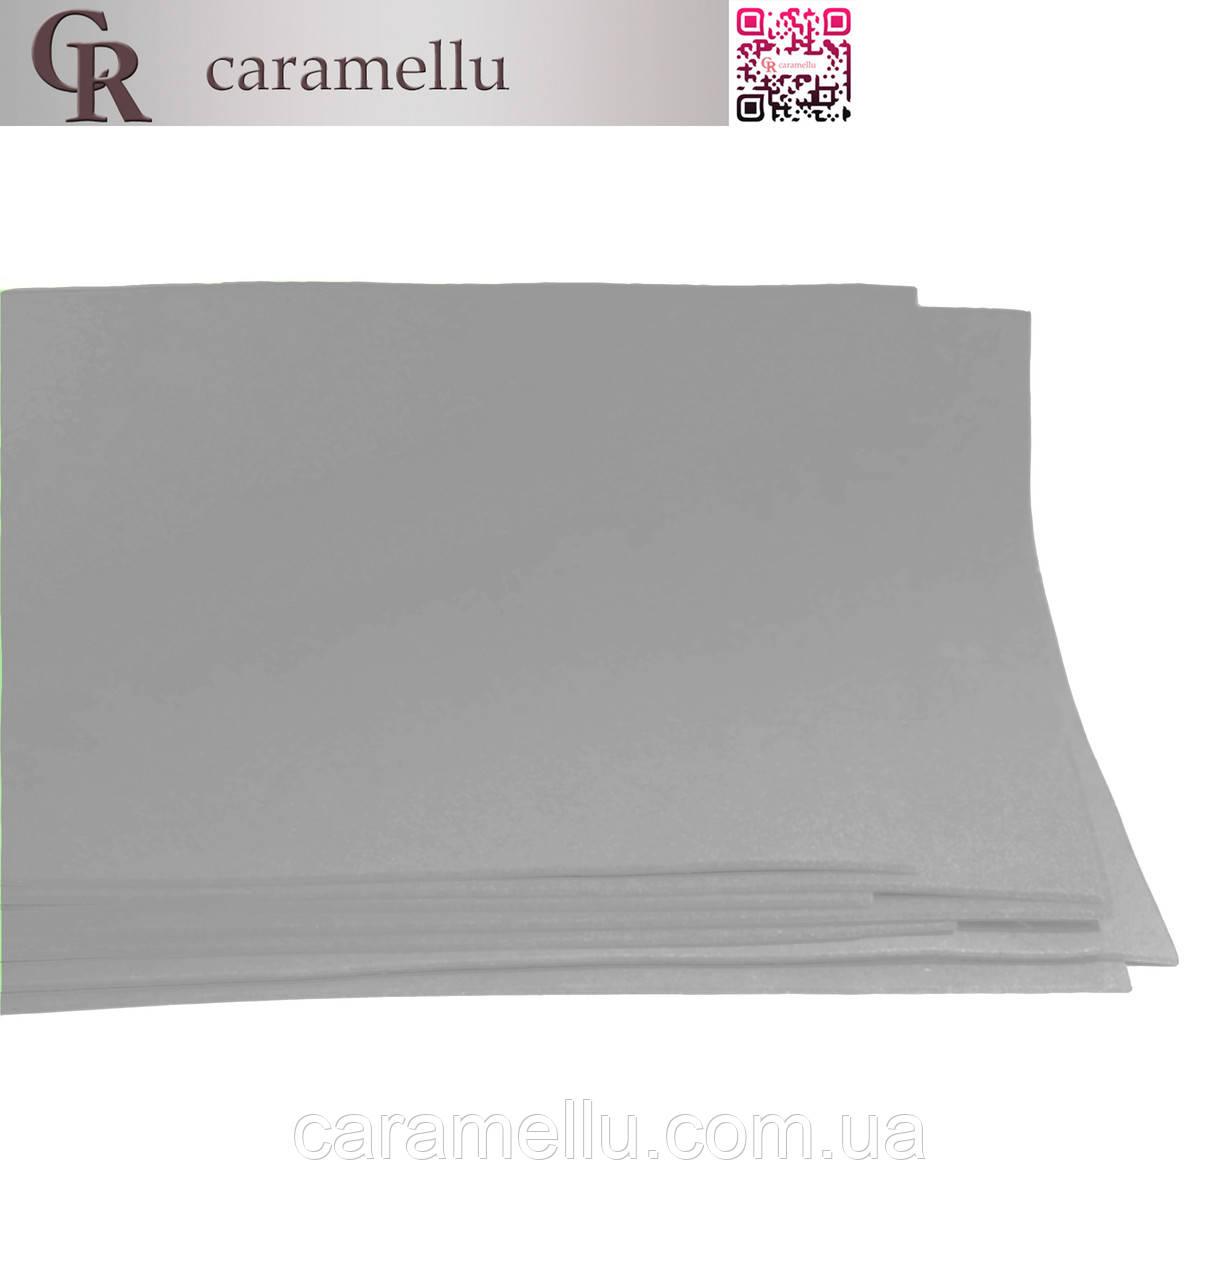 Фоамиран иранский 153, Светло-серый, 1мм, 20х30см А4